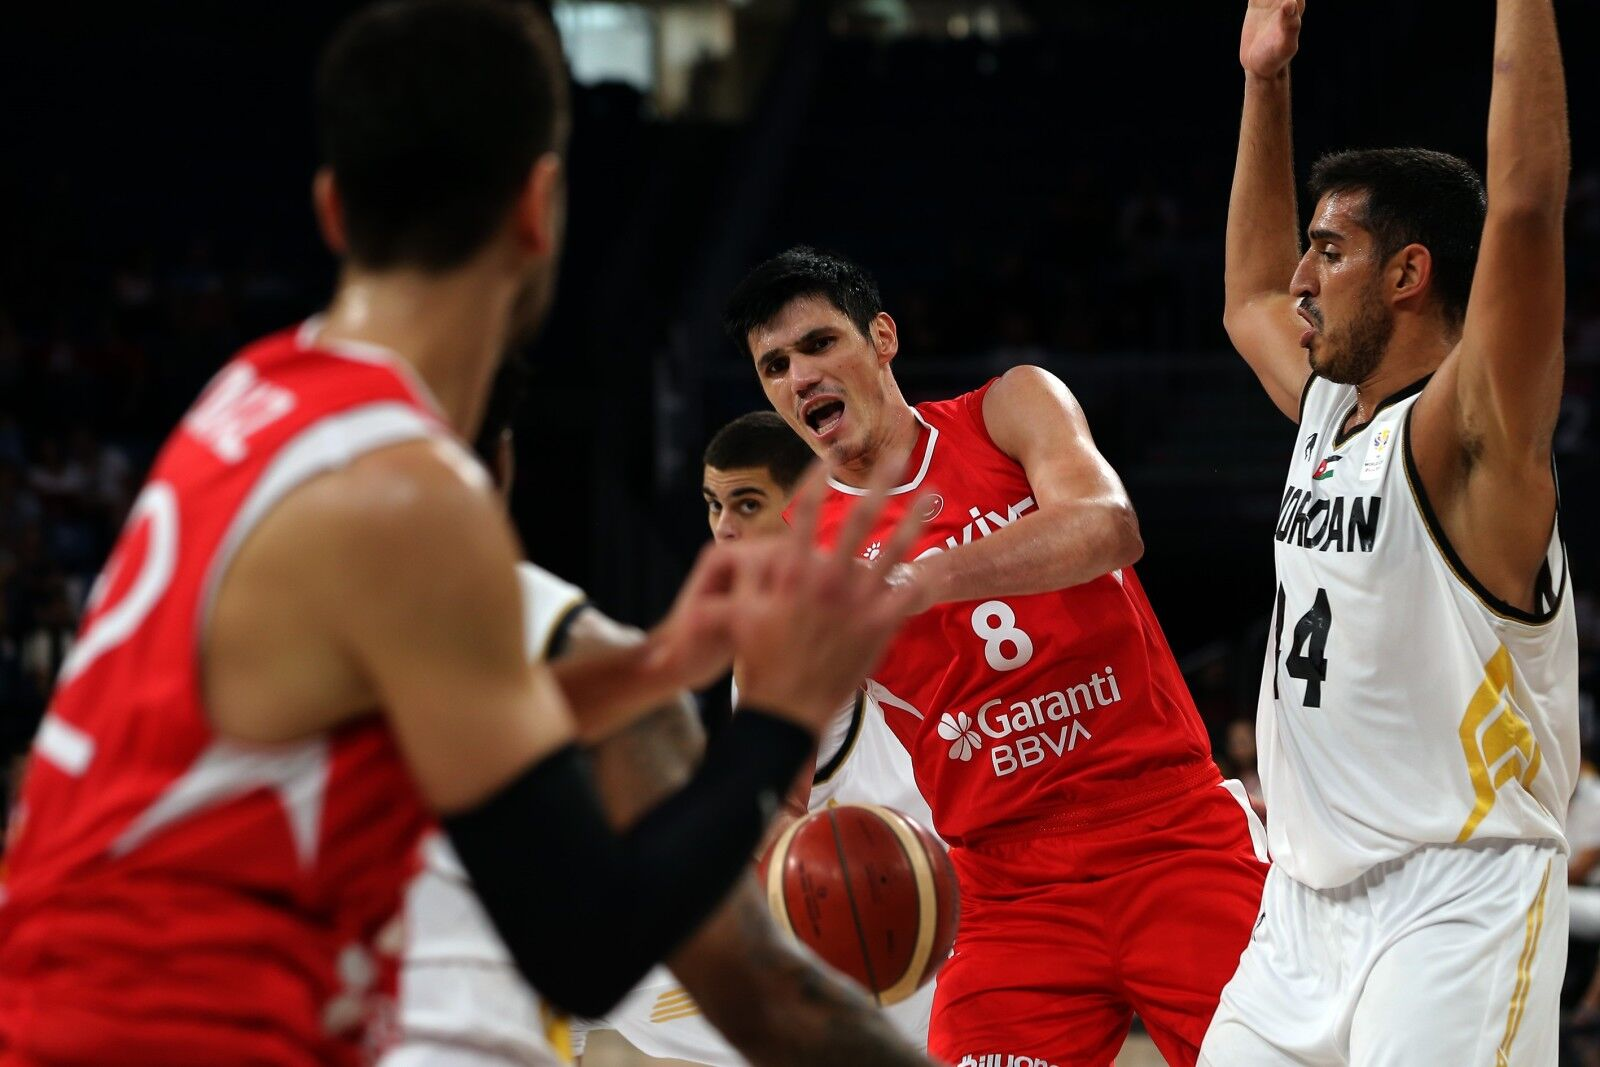 Milwaukee Bucks: Ersan Ilyasova's Turkey beat Puerto Rico in World Cup warm-up